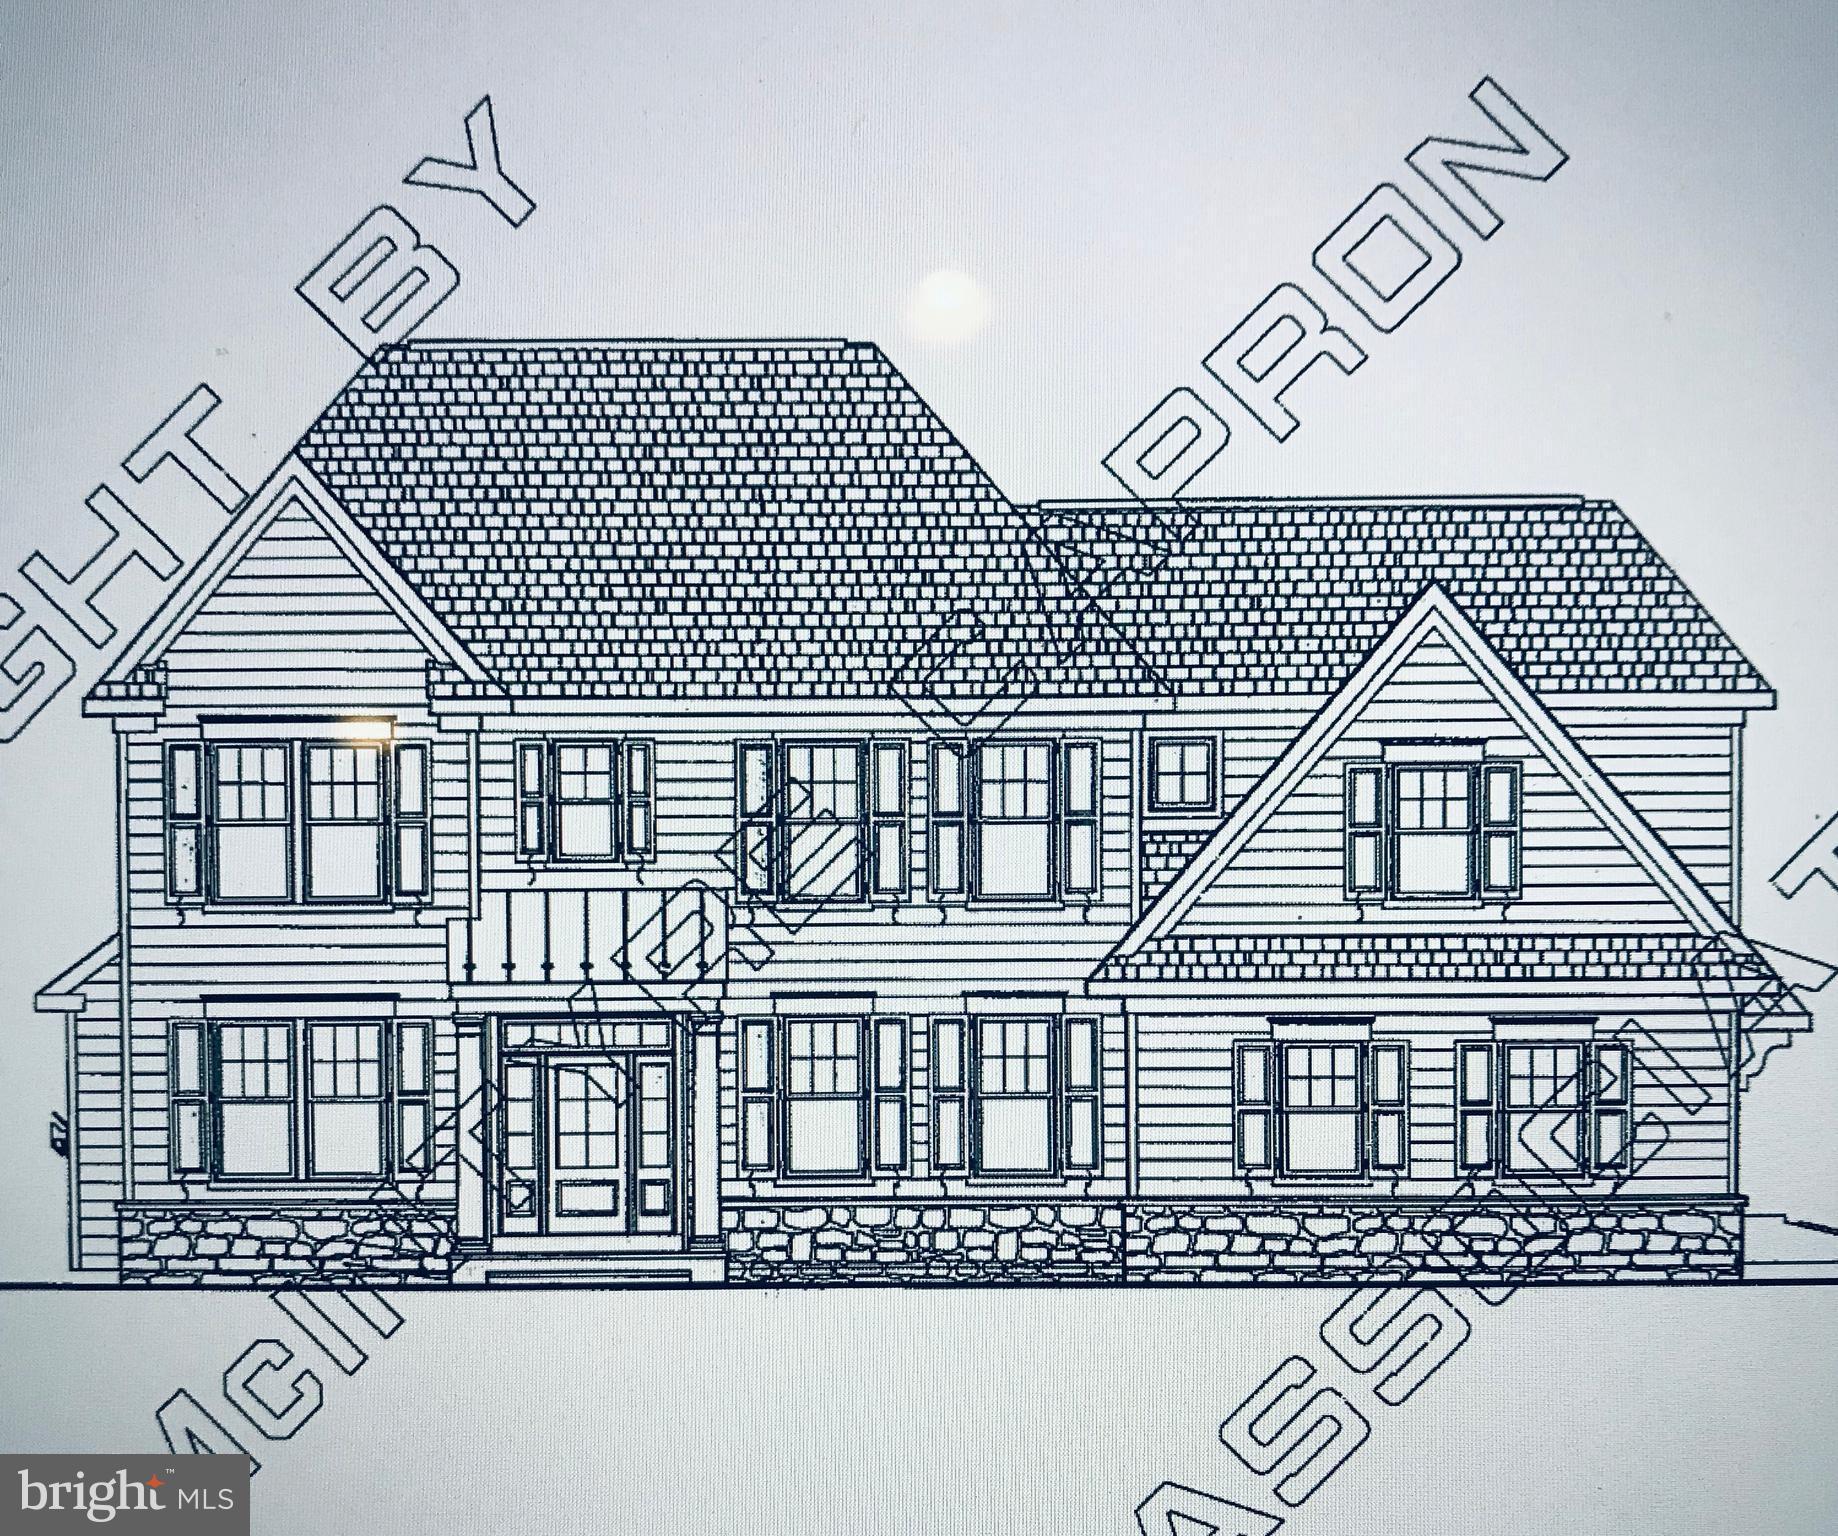 419 WYLDHAVEN ROAD, BRYN MAWR, PA 19010